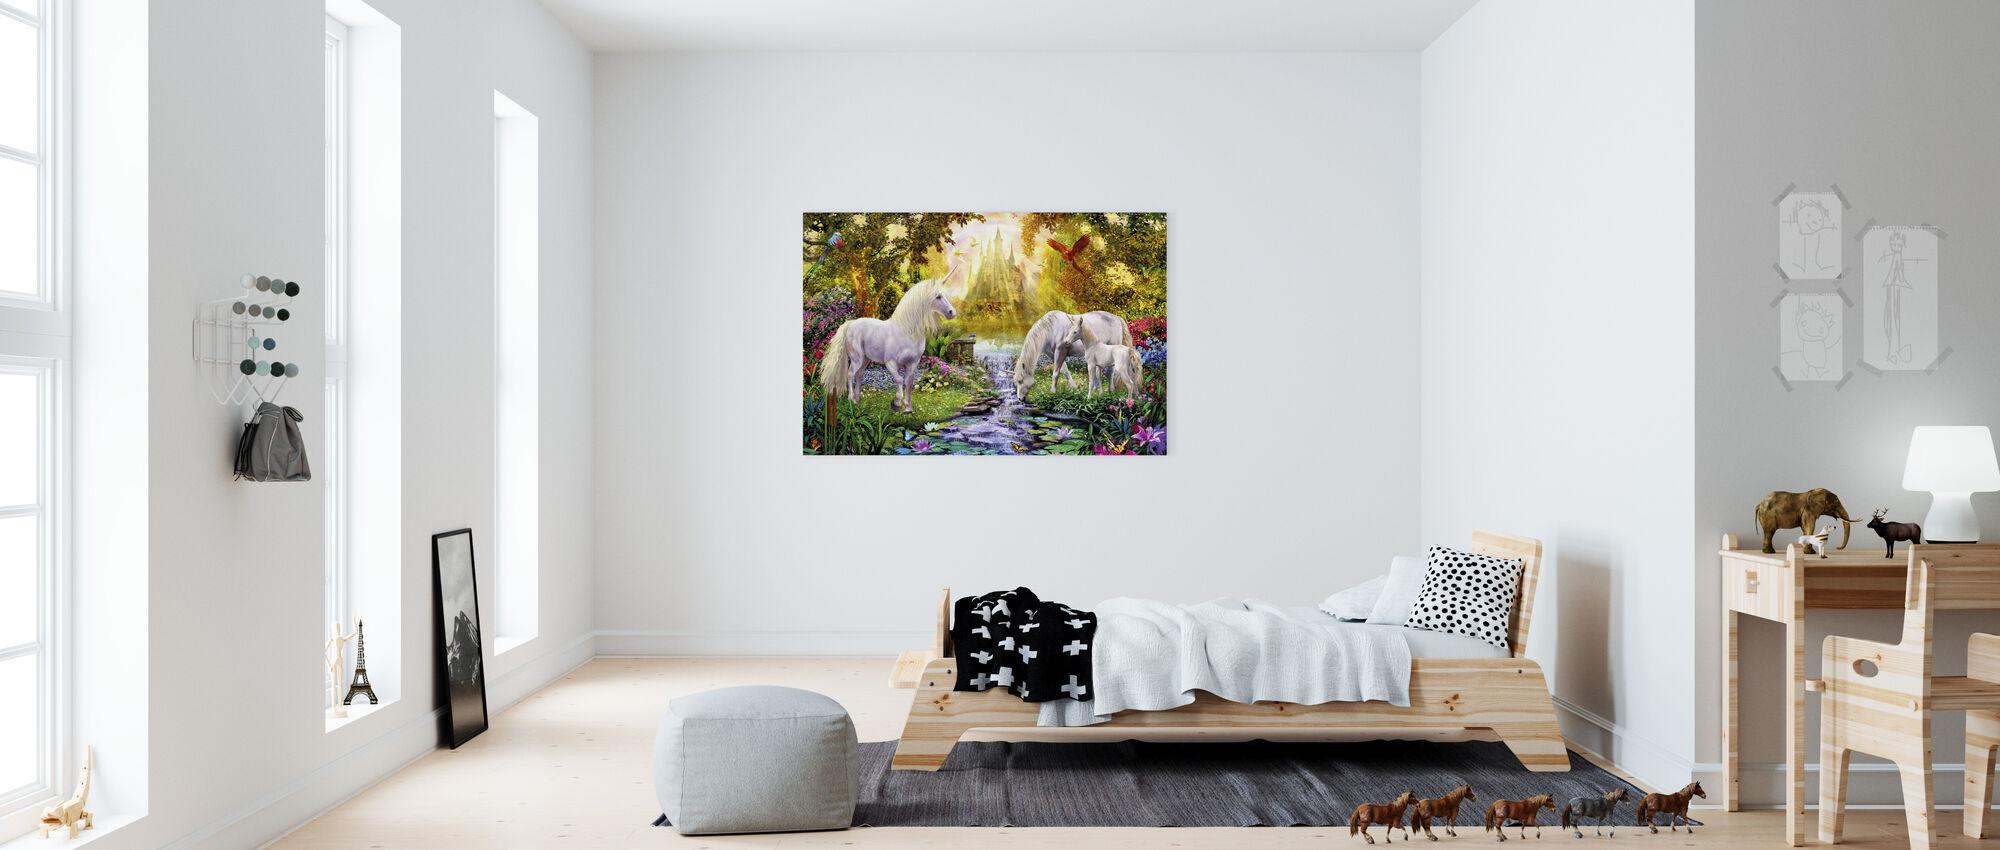 Het Kasteel Eenhoorn Tuin - Canvas print - Kinderkamer